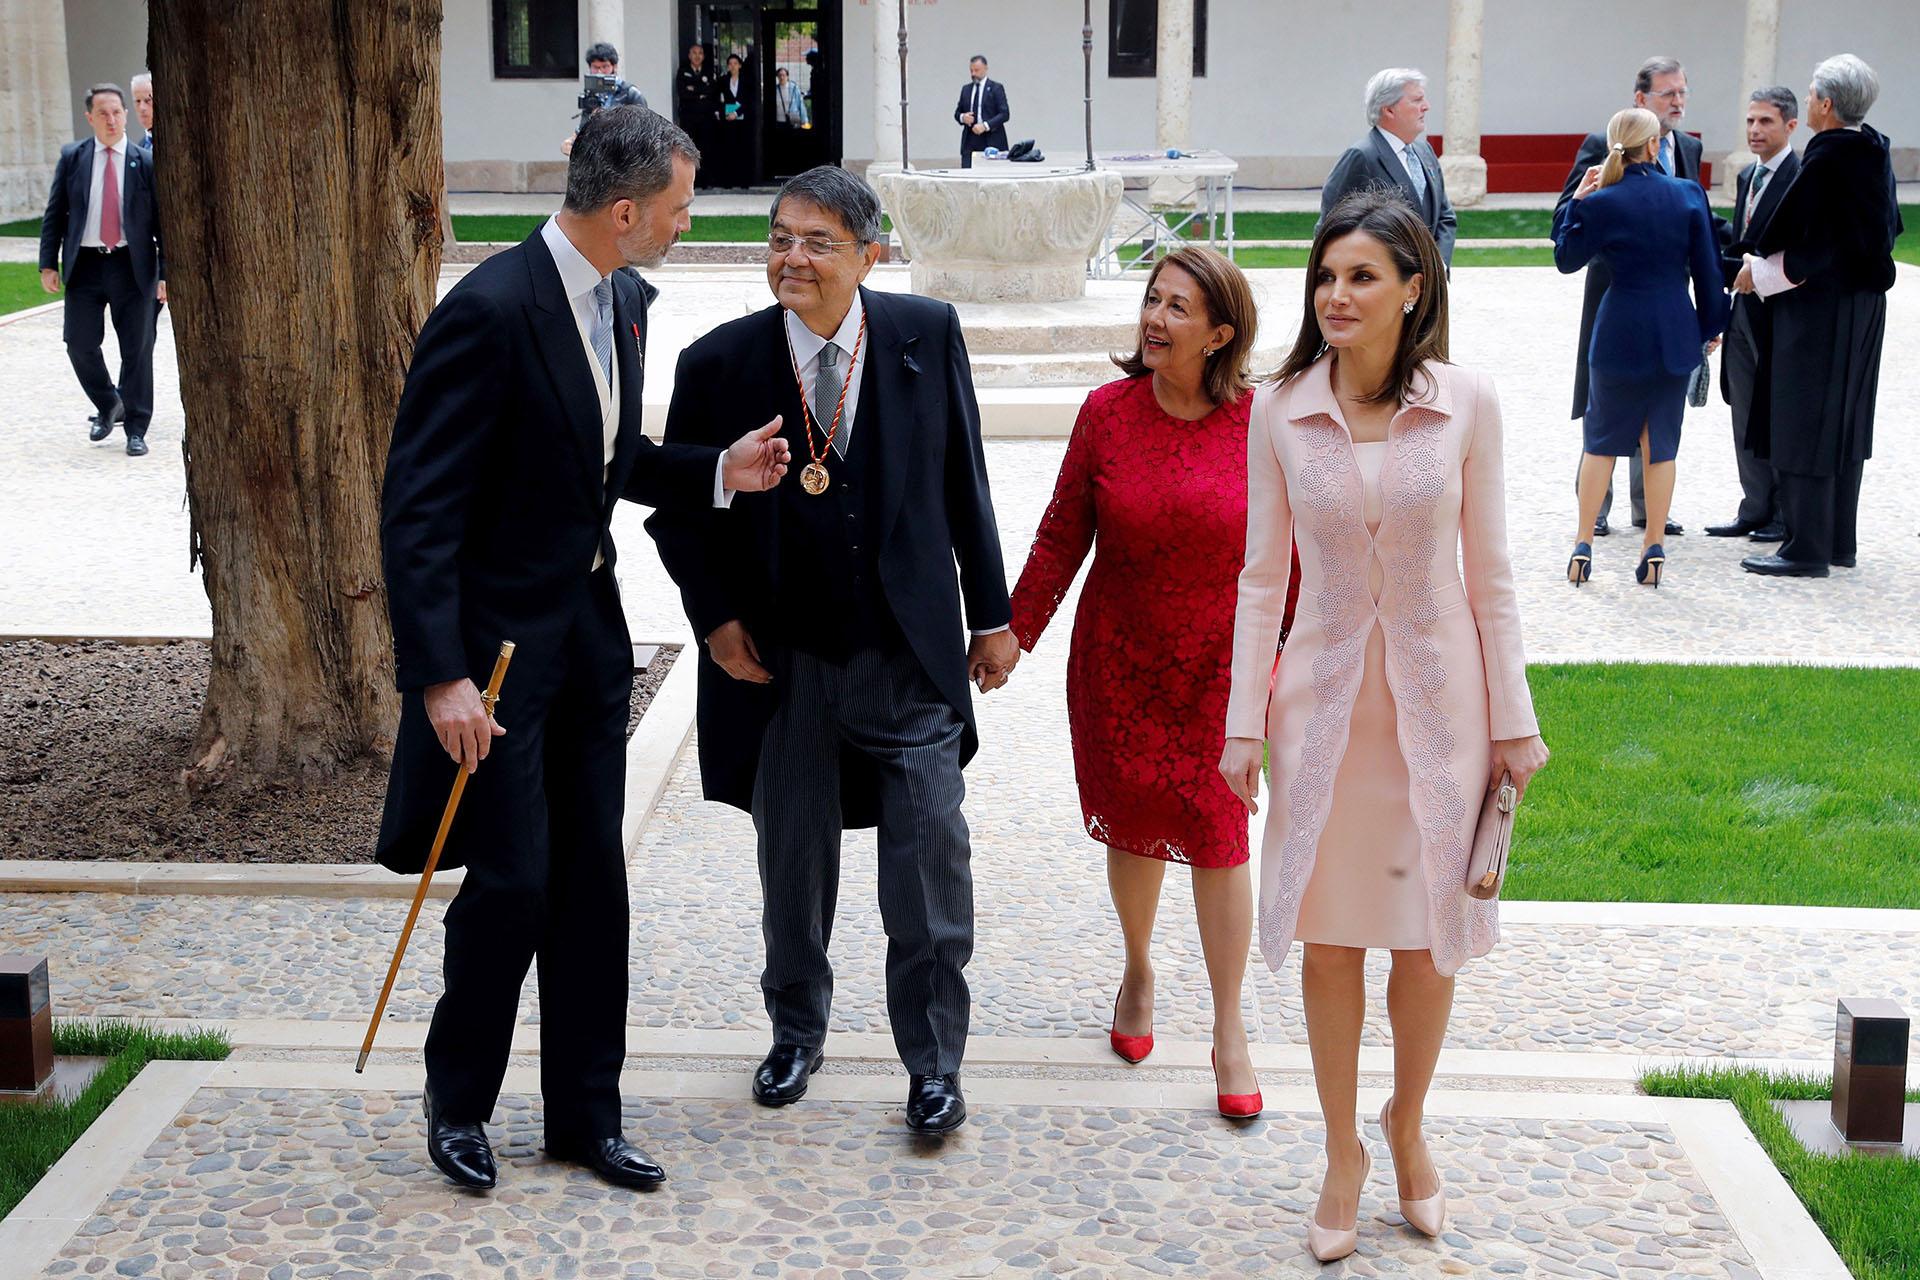 Los reyes caminan junto a Sergio Ramírez y su mujer, Gertrudis Guerrero